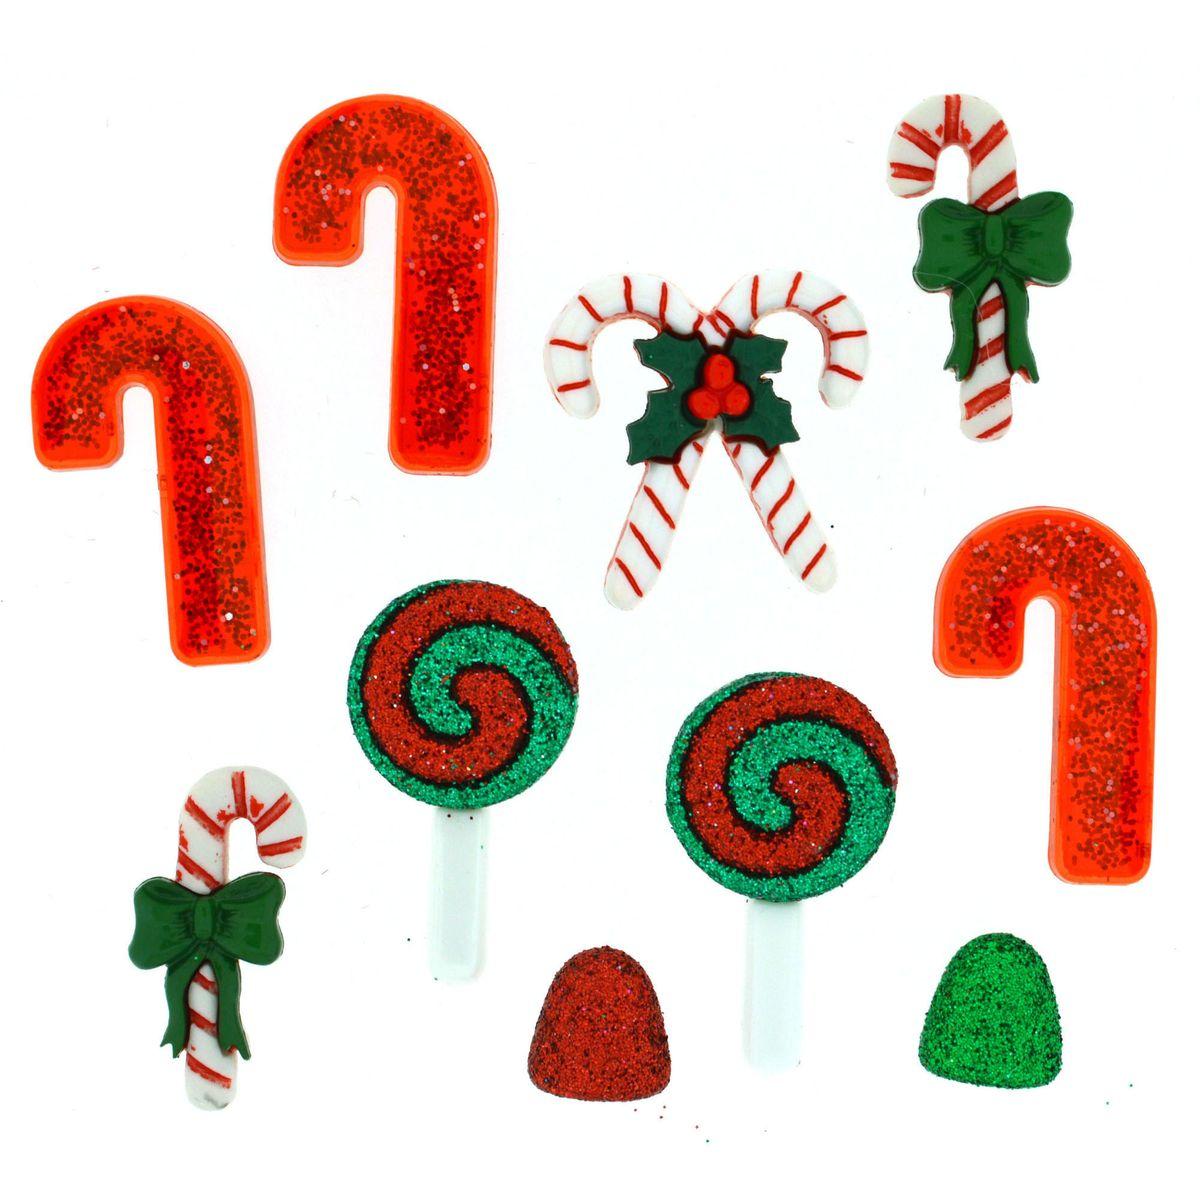 Пуговицы декоративные Dress It Up Рождественские сладости, 10 шт7713490Набор Dress It Up Рождественские сладости состоит из 10 декоративных пуговиц, выполненных из цветного пластика в виде леденцов. Такие пуговицы подходят для любых видов творчества: скрапбукинга, декорирования, шитья, изготовления кукол, а также для оформления одежды. С их помощью вы сможете украсить открытку, фотографию, альбом, подарок и другие предметы ручной работы. Пуговицы разных цветов имеют оригинальный и яркий дизайн. Средний размер пуговиц: 3 х 1,5 х 0,3 см.